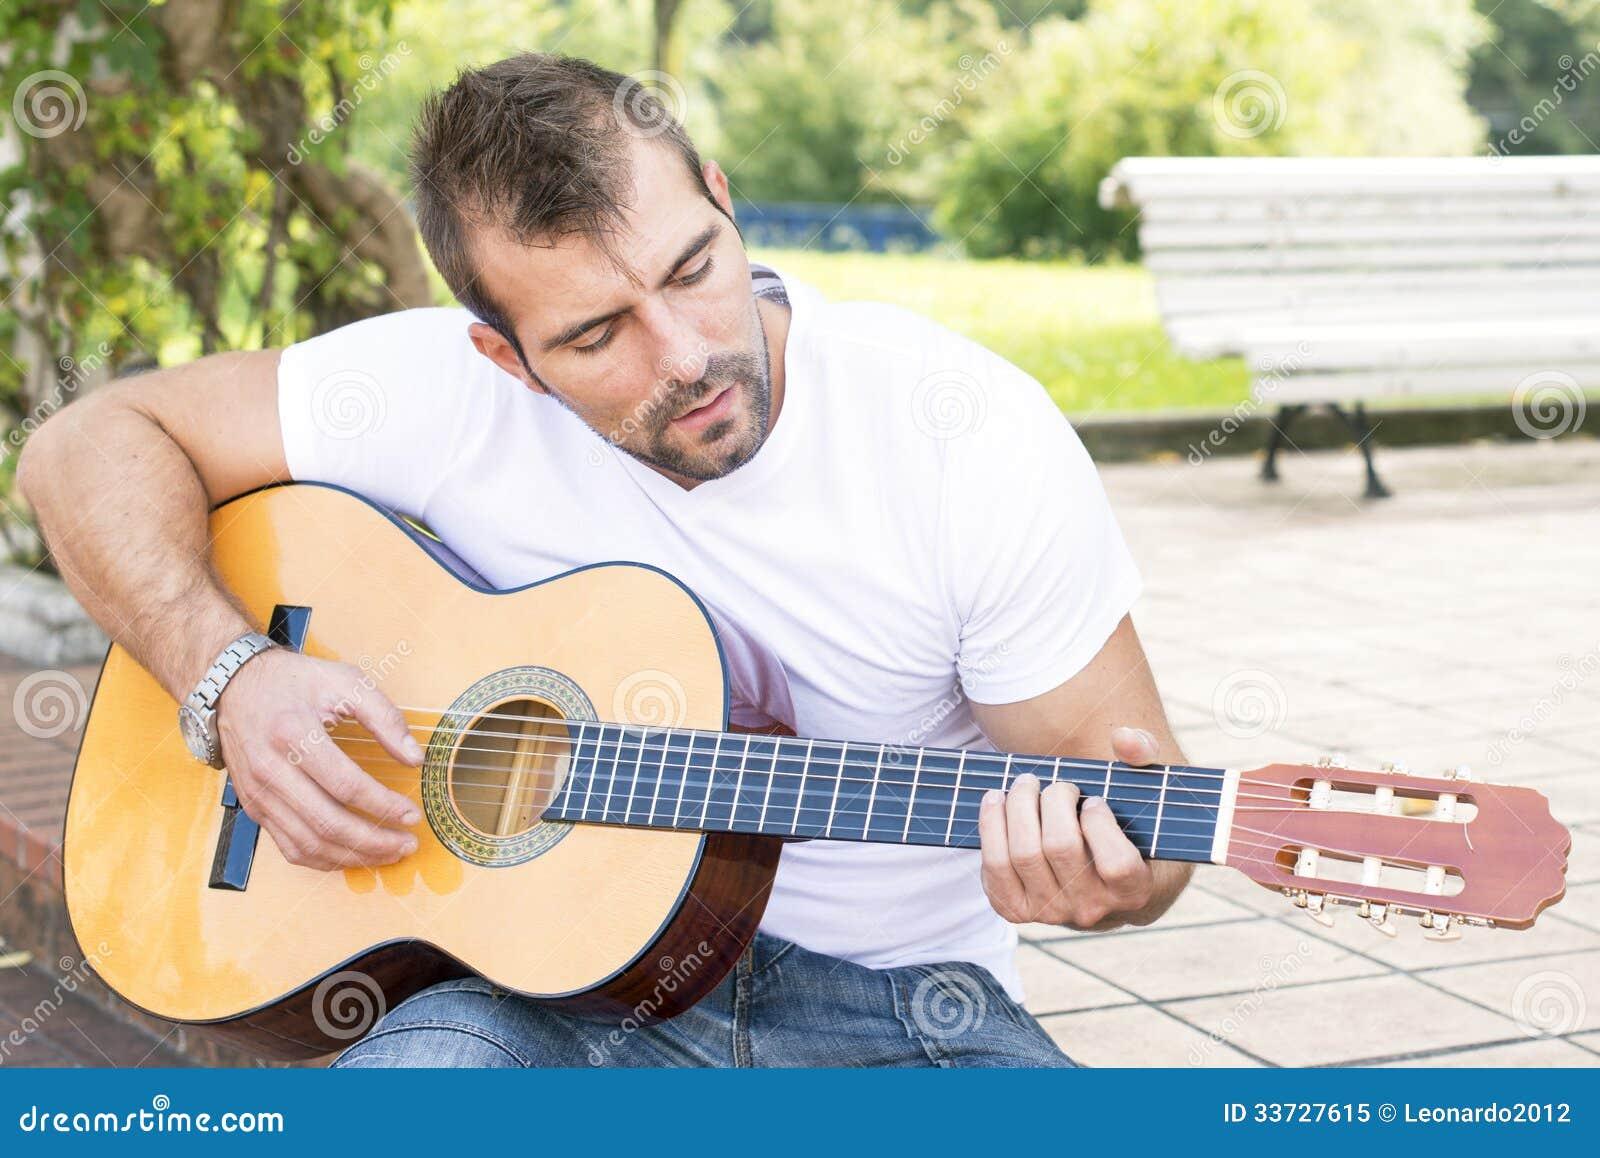 Musicista con la chitarra classica.